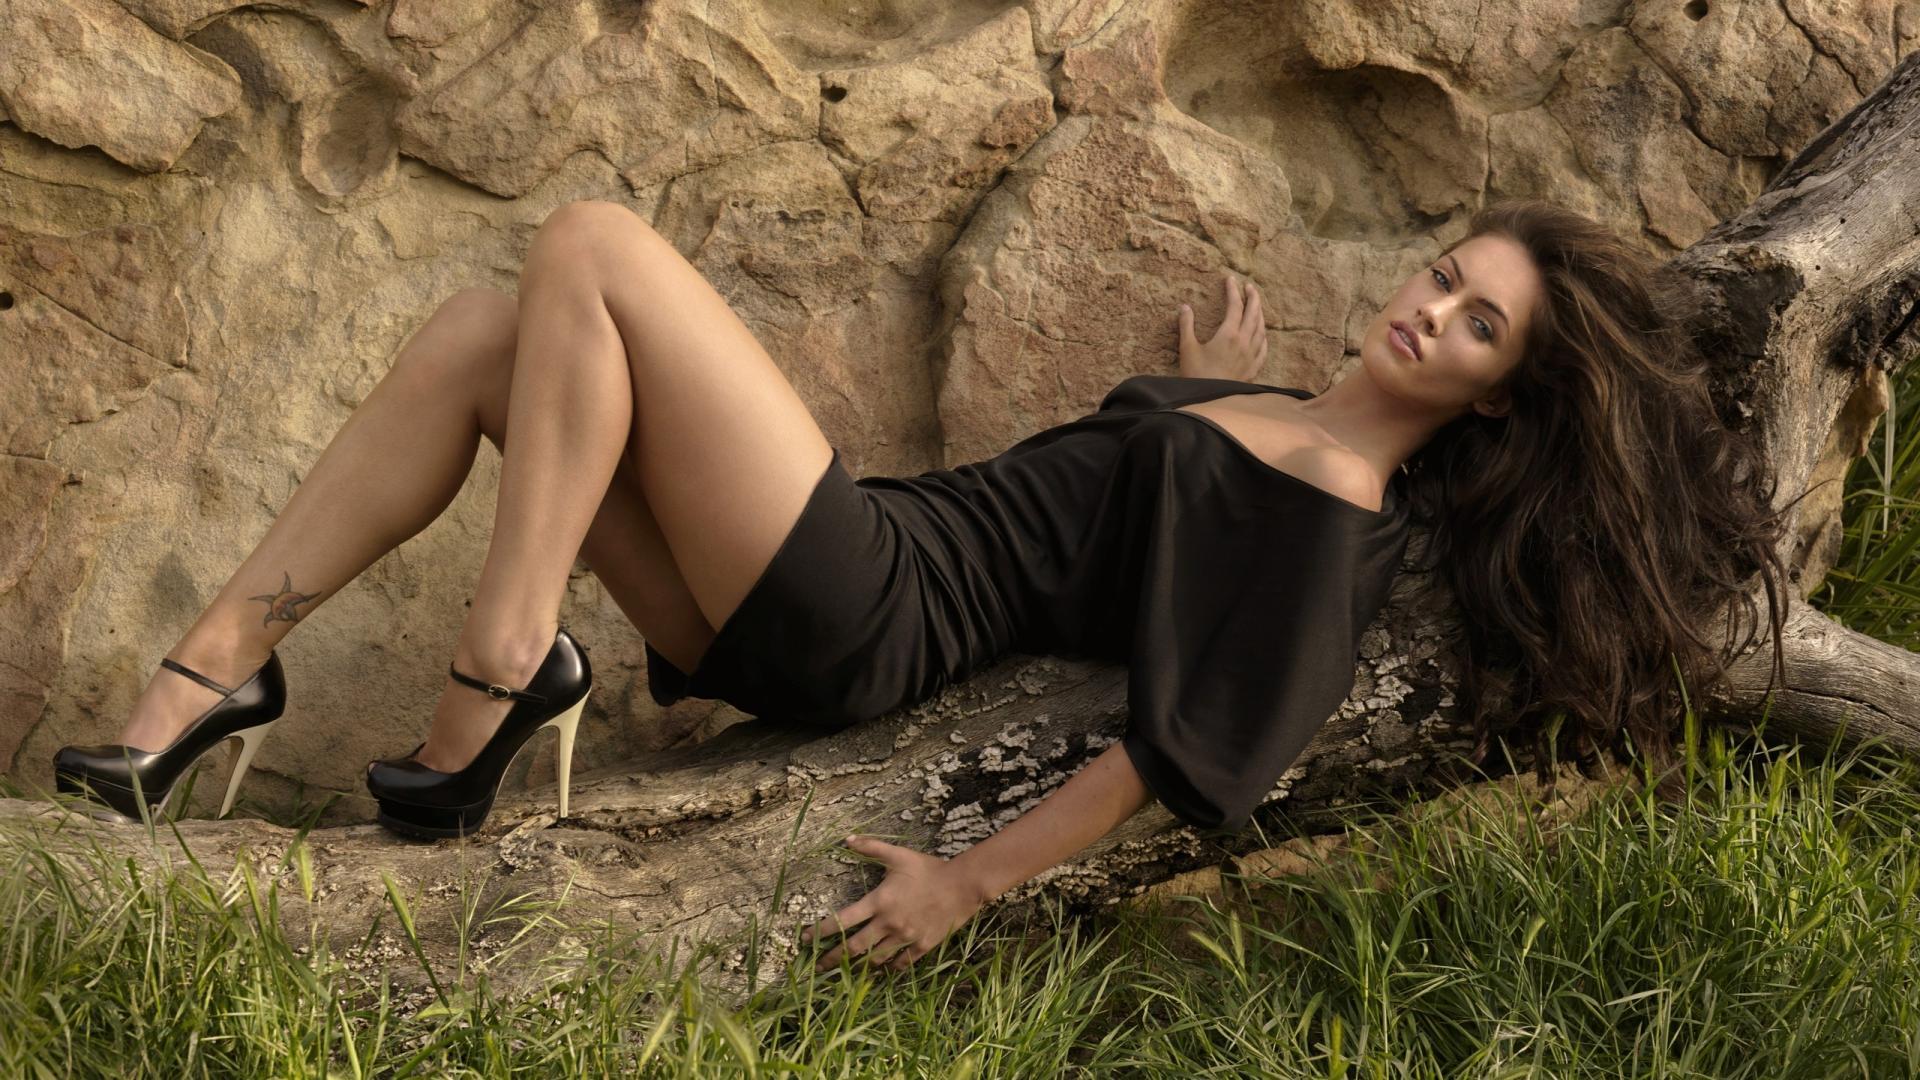 Megan Fox Hot Girls HD Wallpaper of Celebrities   hdwallpaper2013com 1920x1080